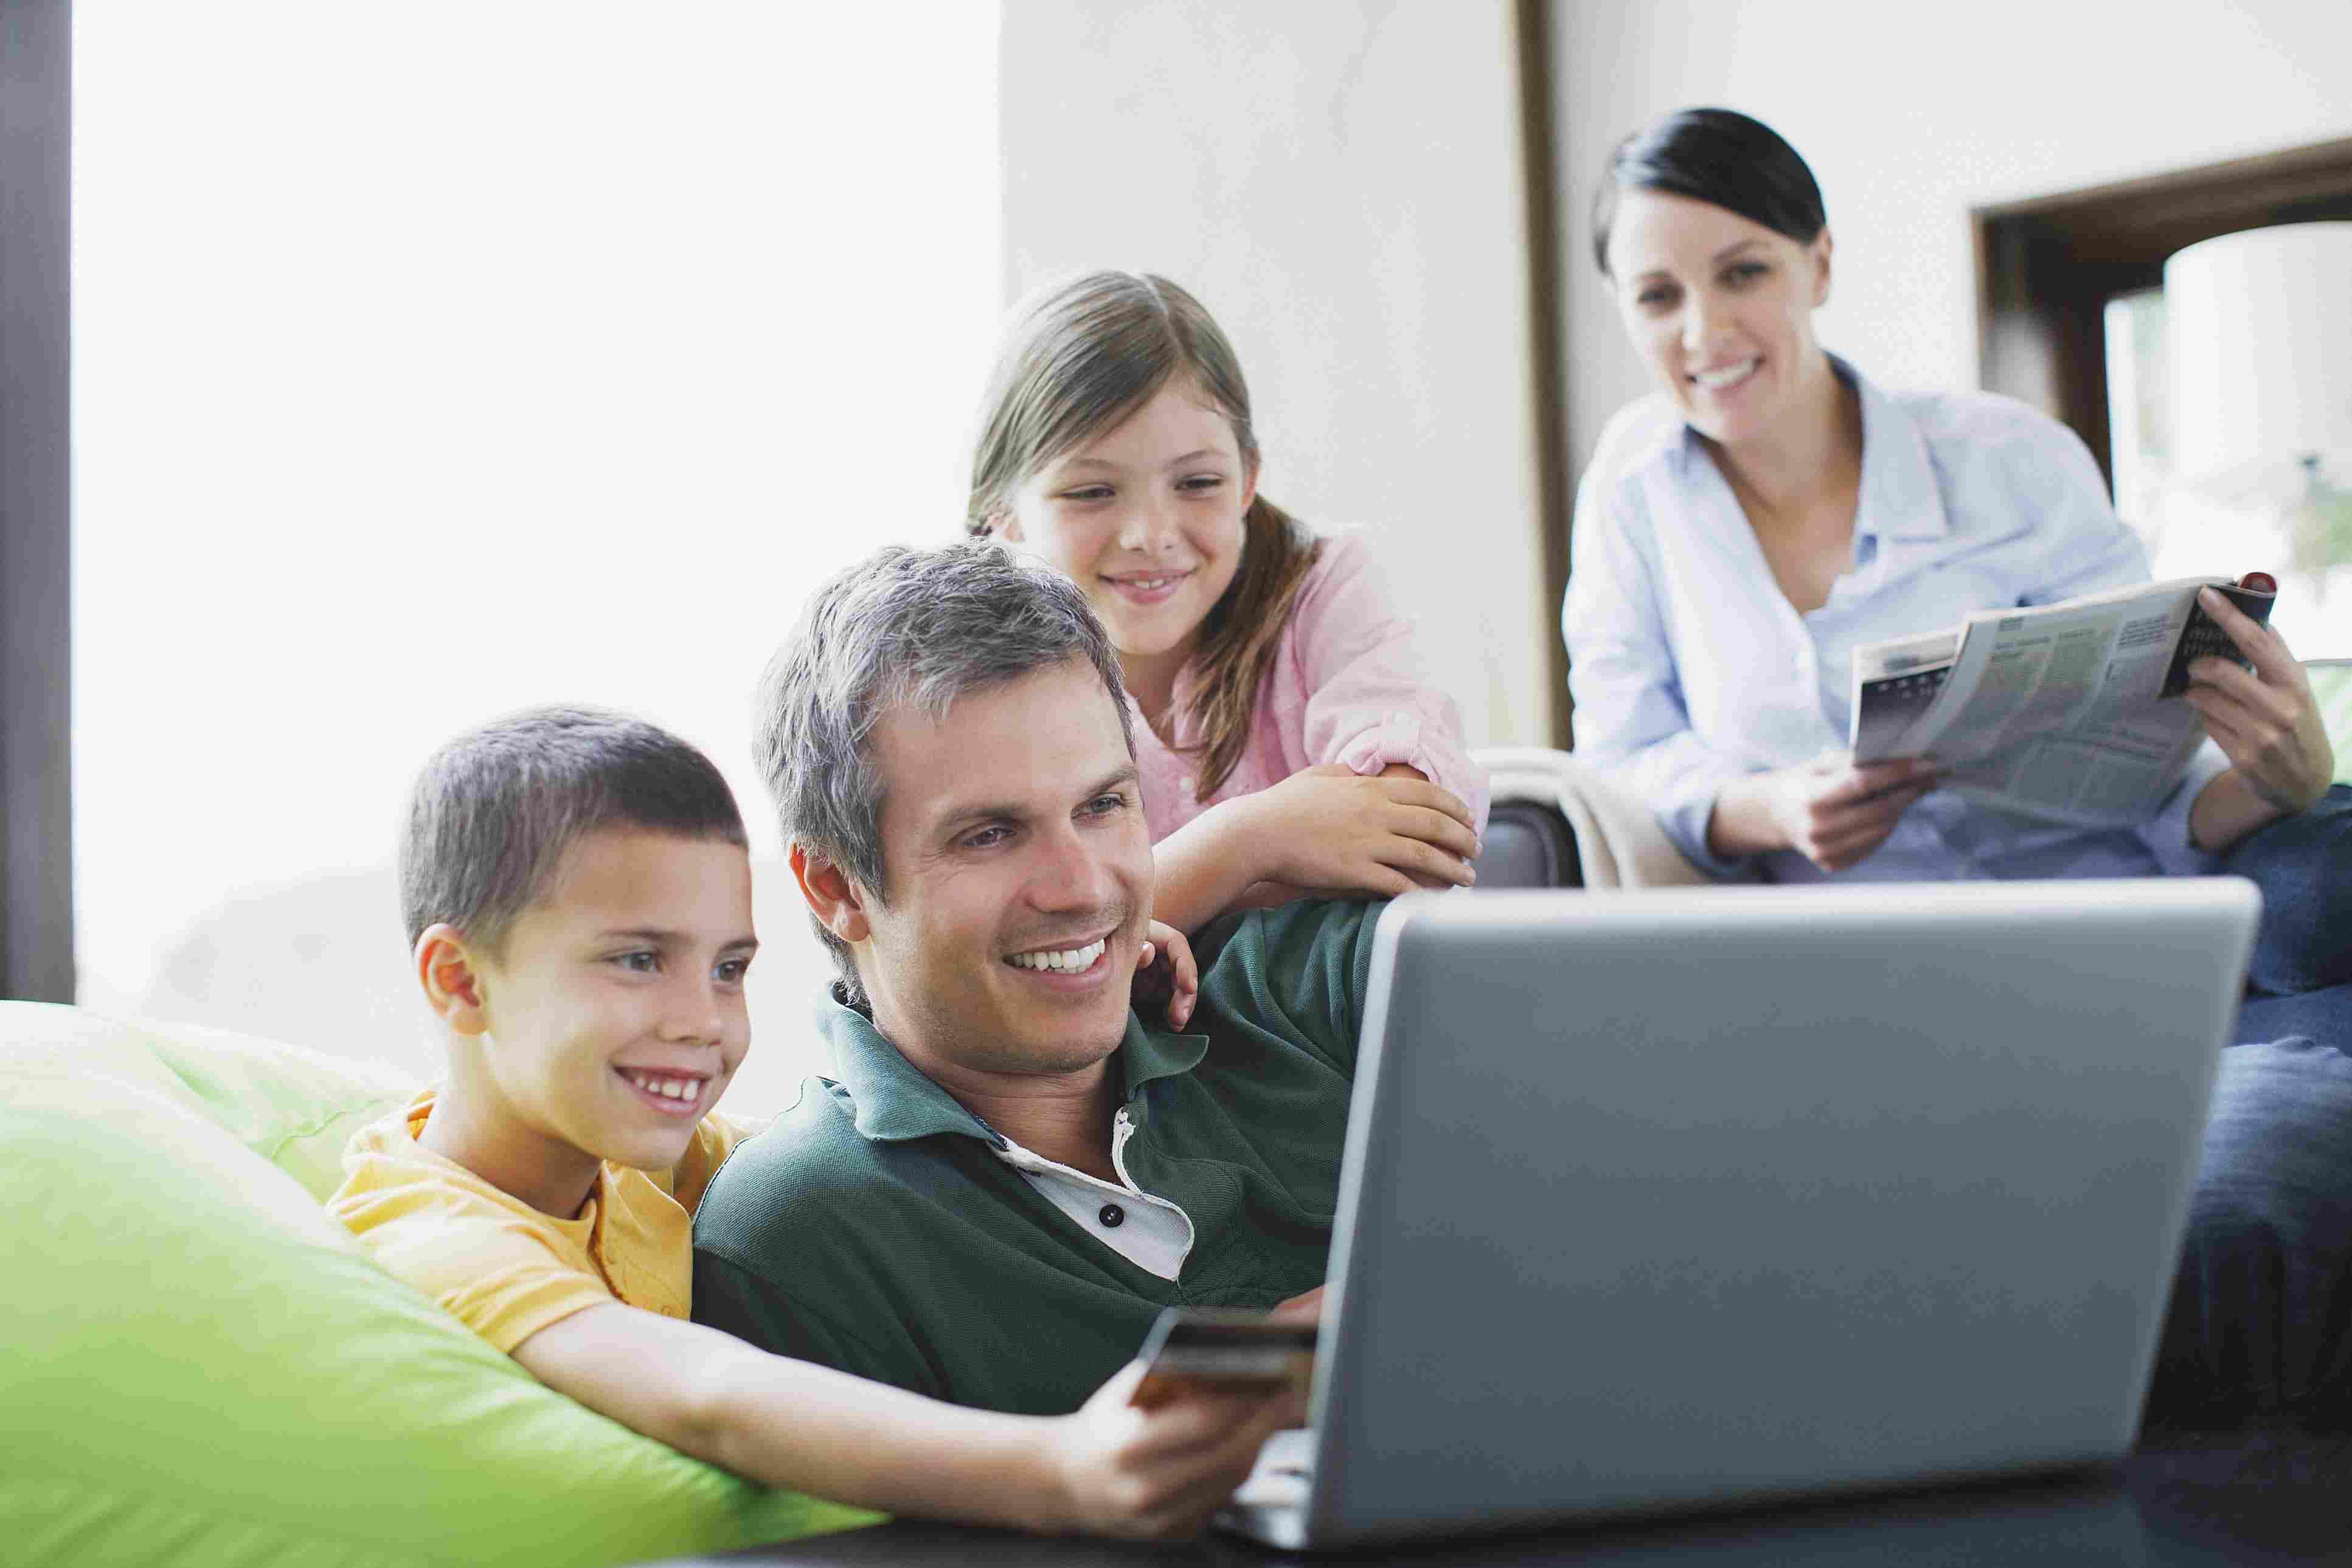 Familia en un computador organizando un tour por su propia ciudad